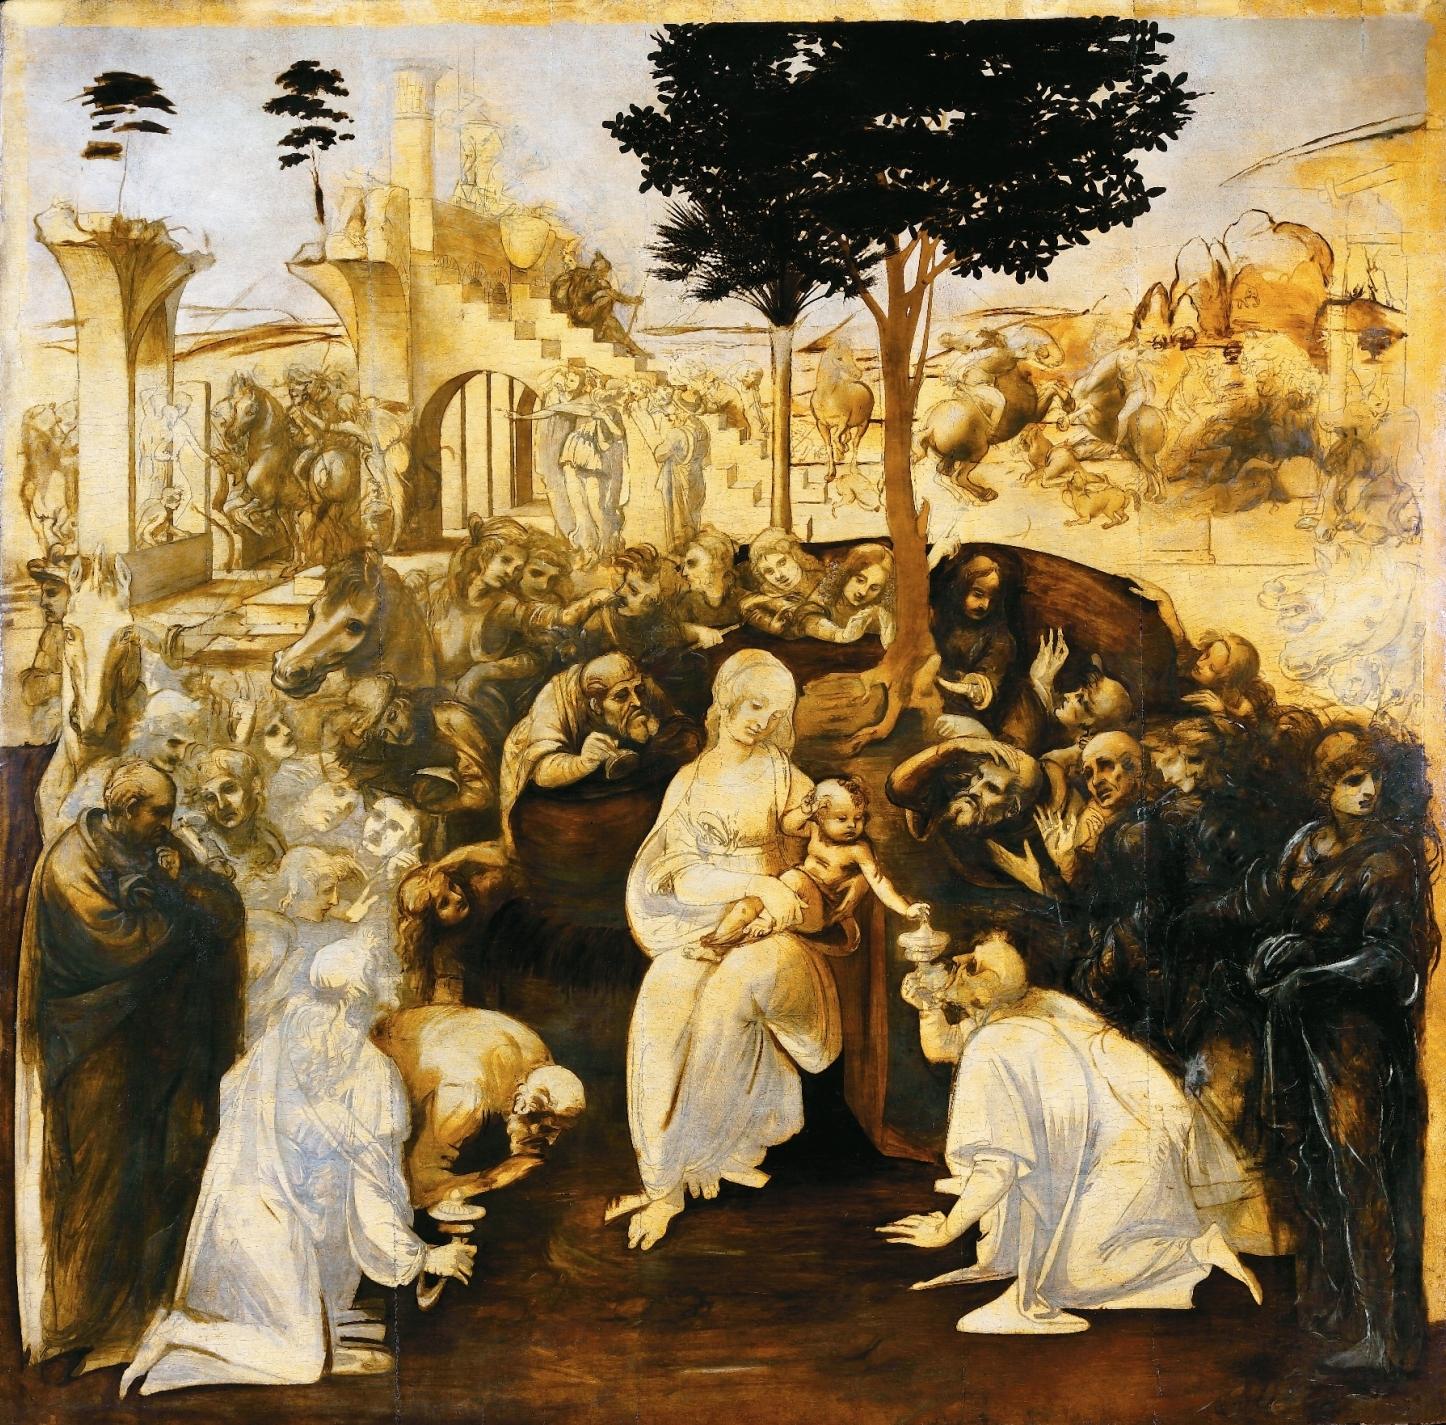 L'adorazione dei Magi di Leonardo